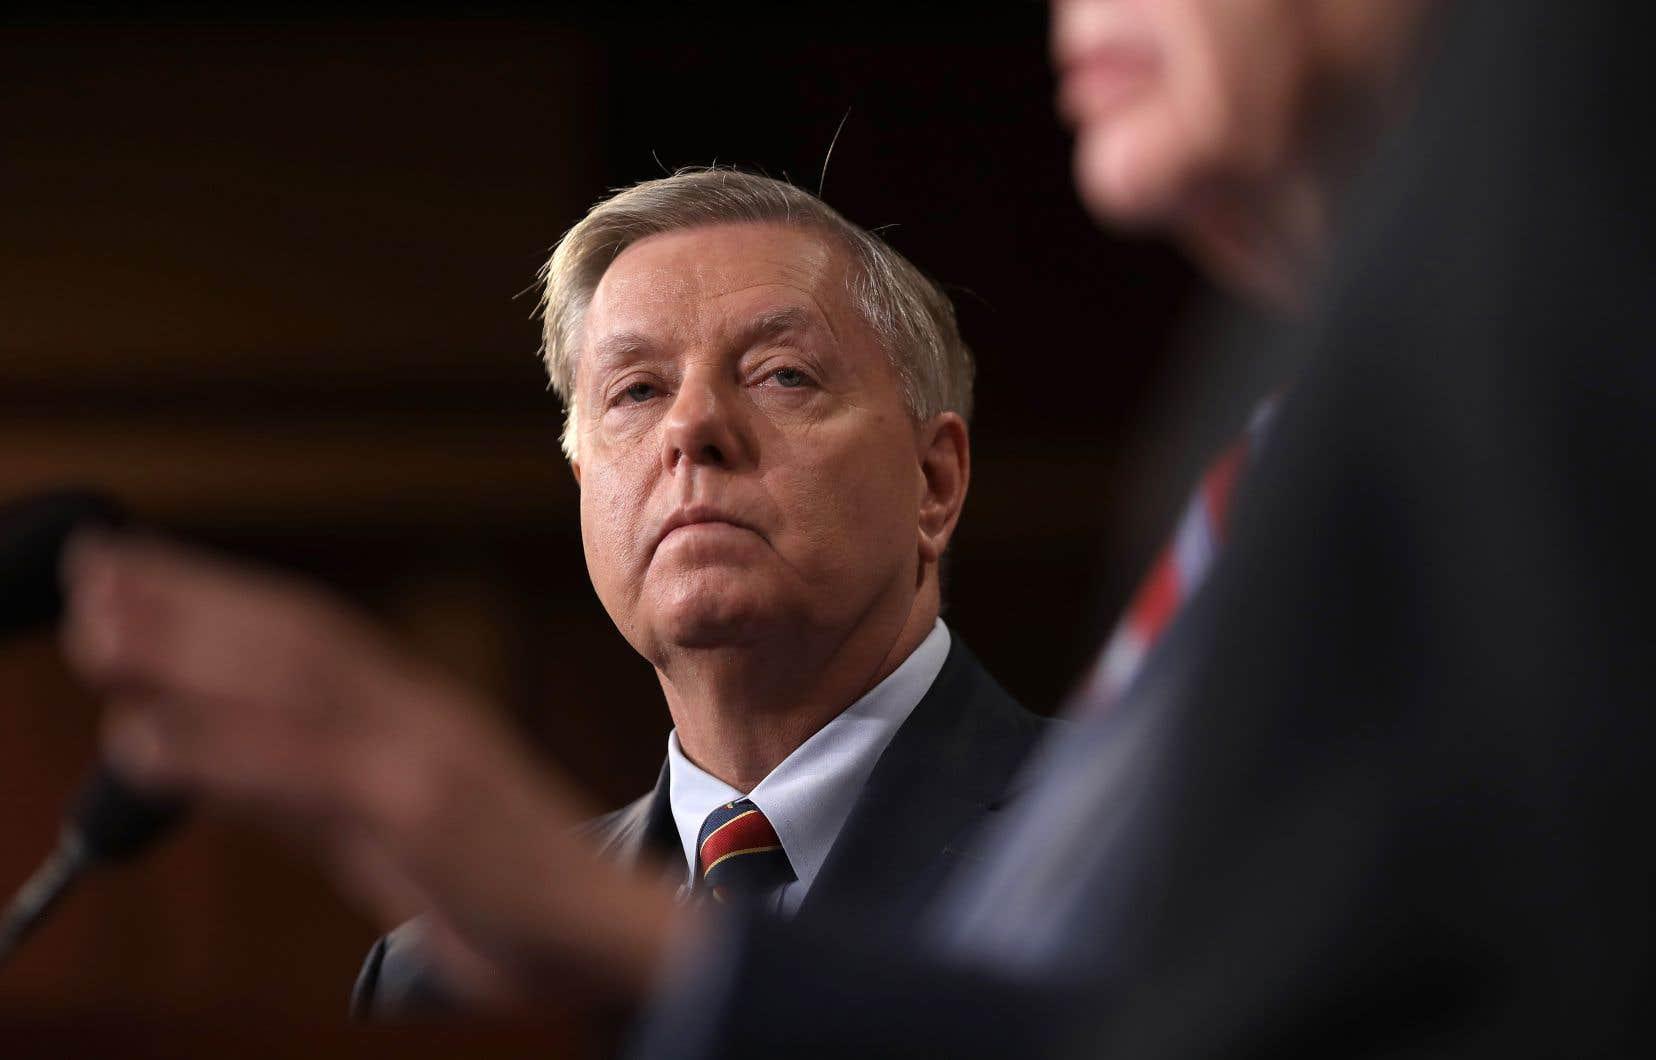 <p>À la suite deces révélations, un influent sénateur républicain, Lindsey Graham, a jugé nécessaire que le Congrès enquête pour établir s'il y a bien eu «une tentative de coup d'État administratif».</p>